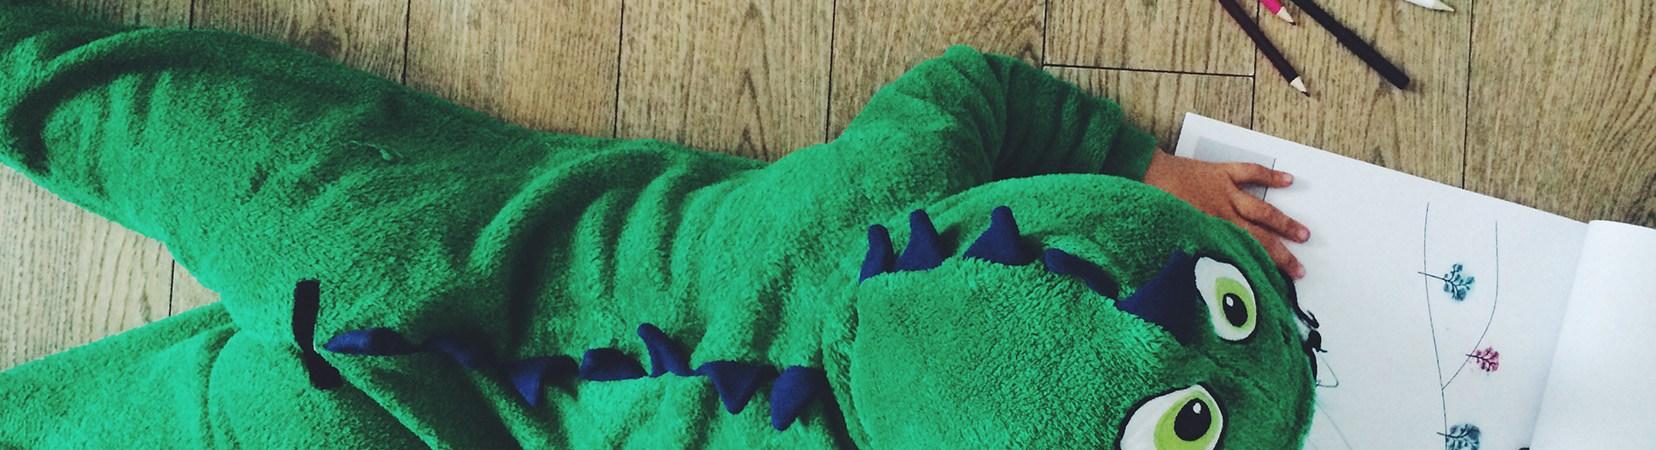 child in dinosaur onesie colouring in